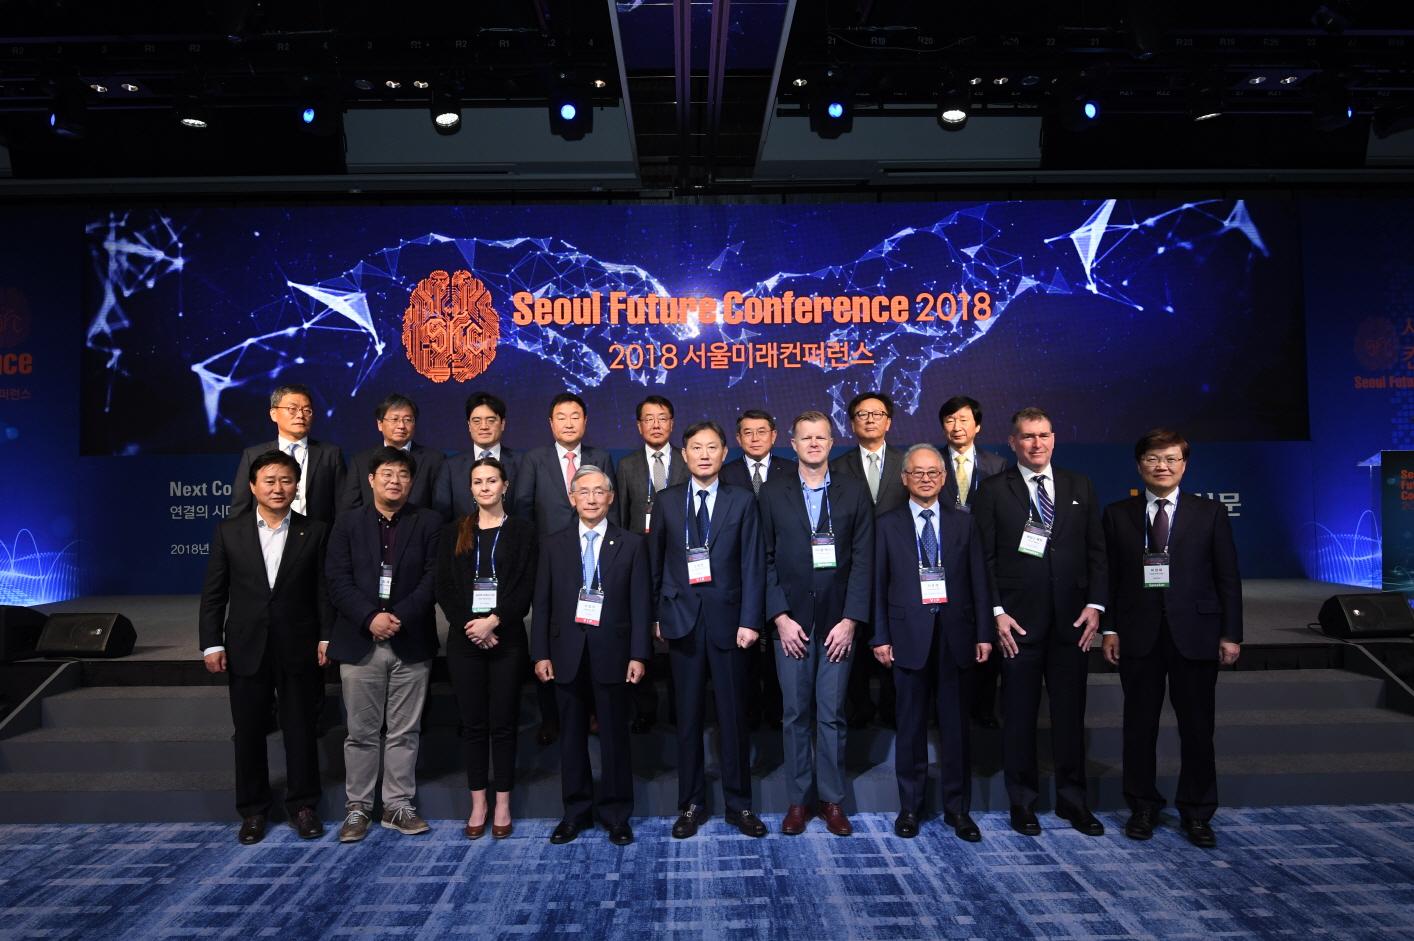 2018 서울미래컨퍼런스 - 단체사진